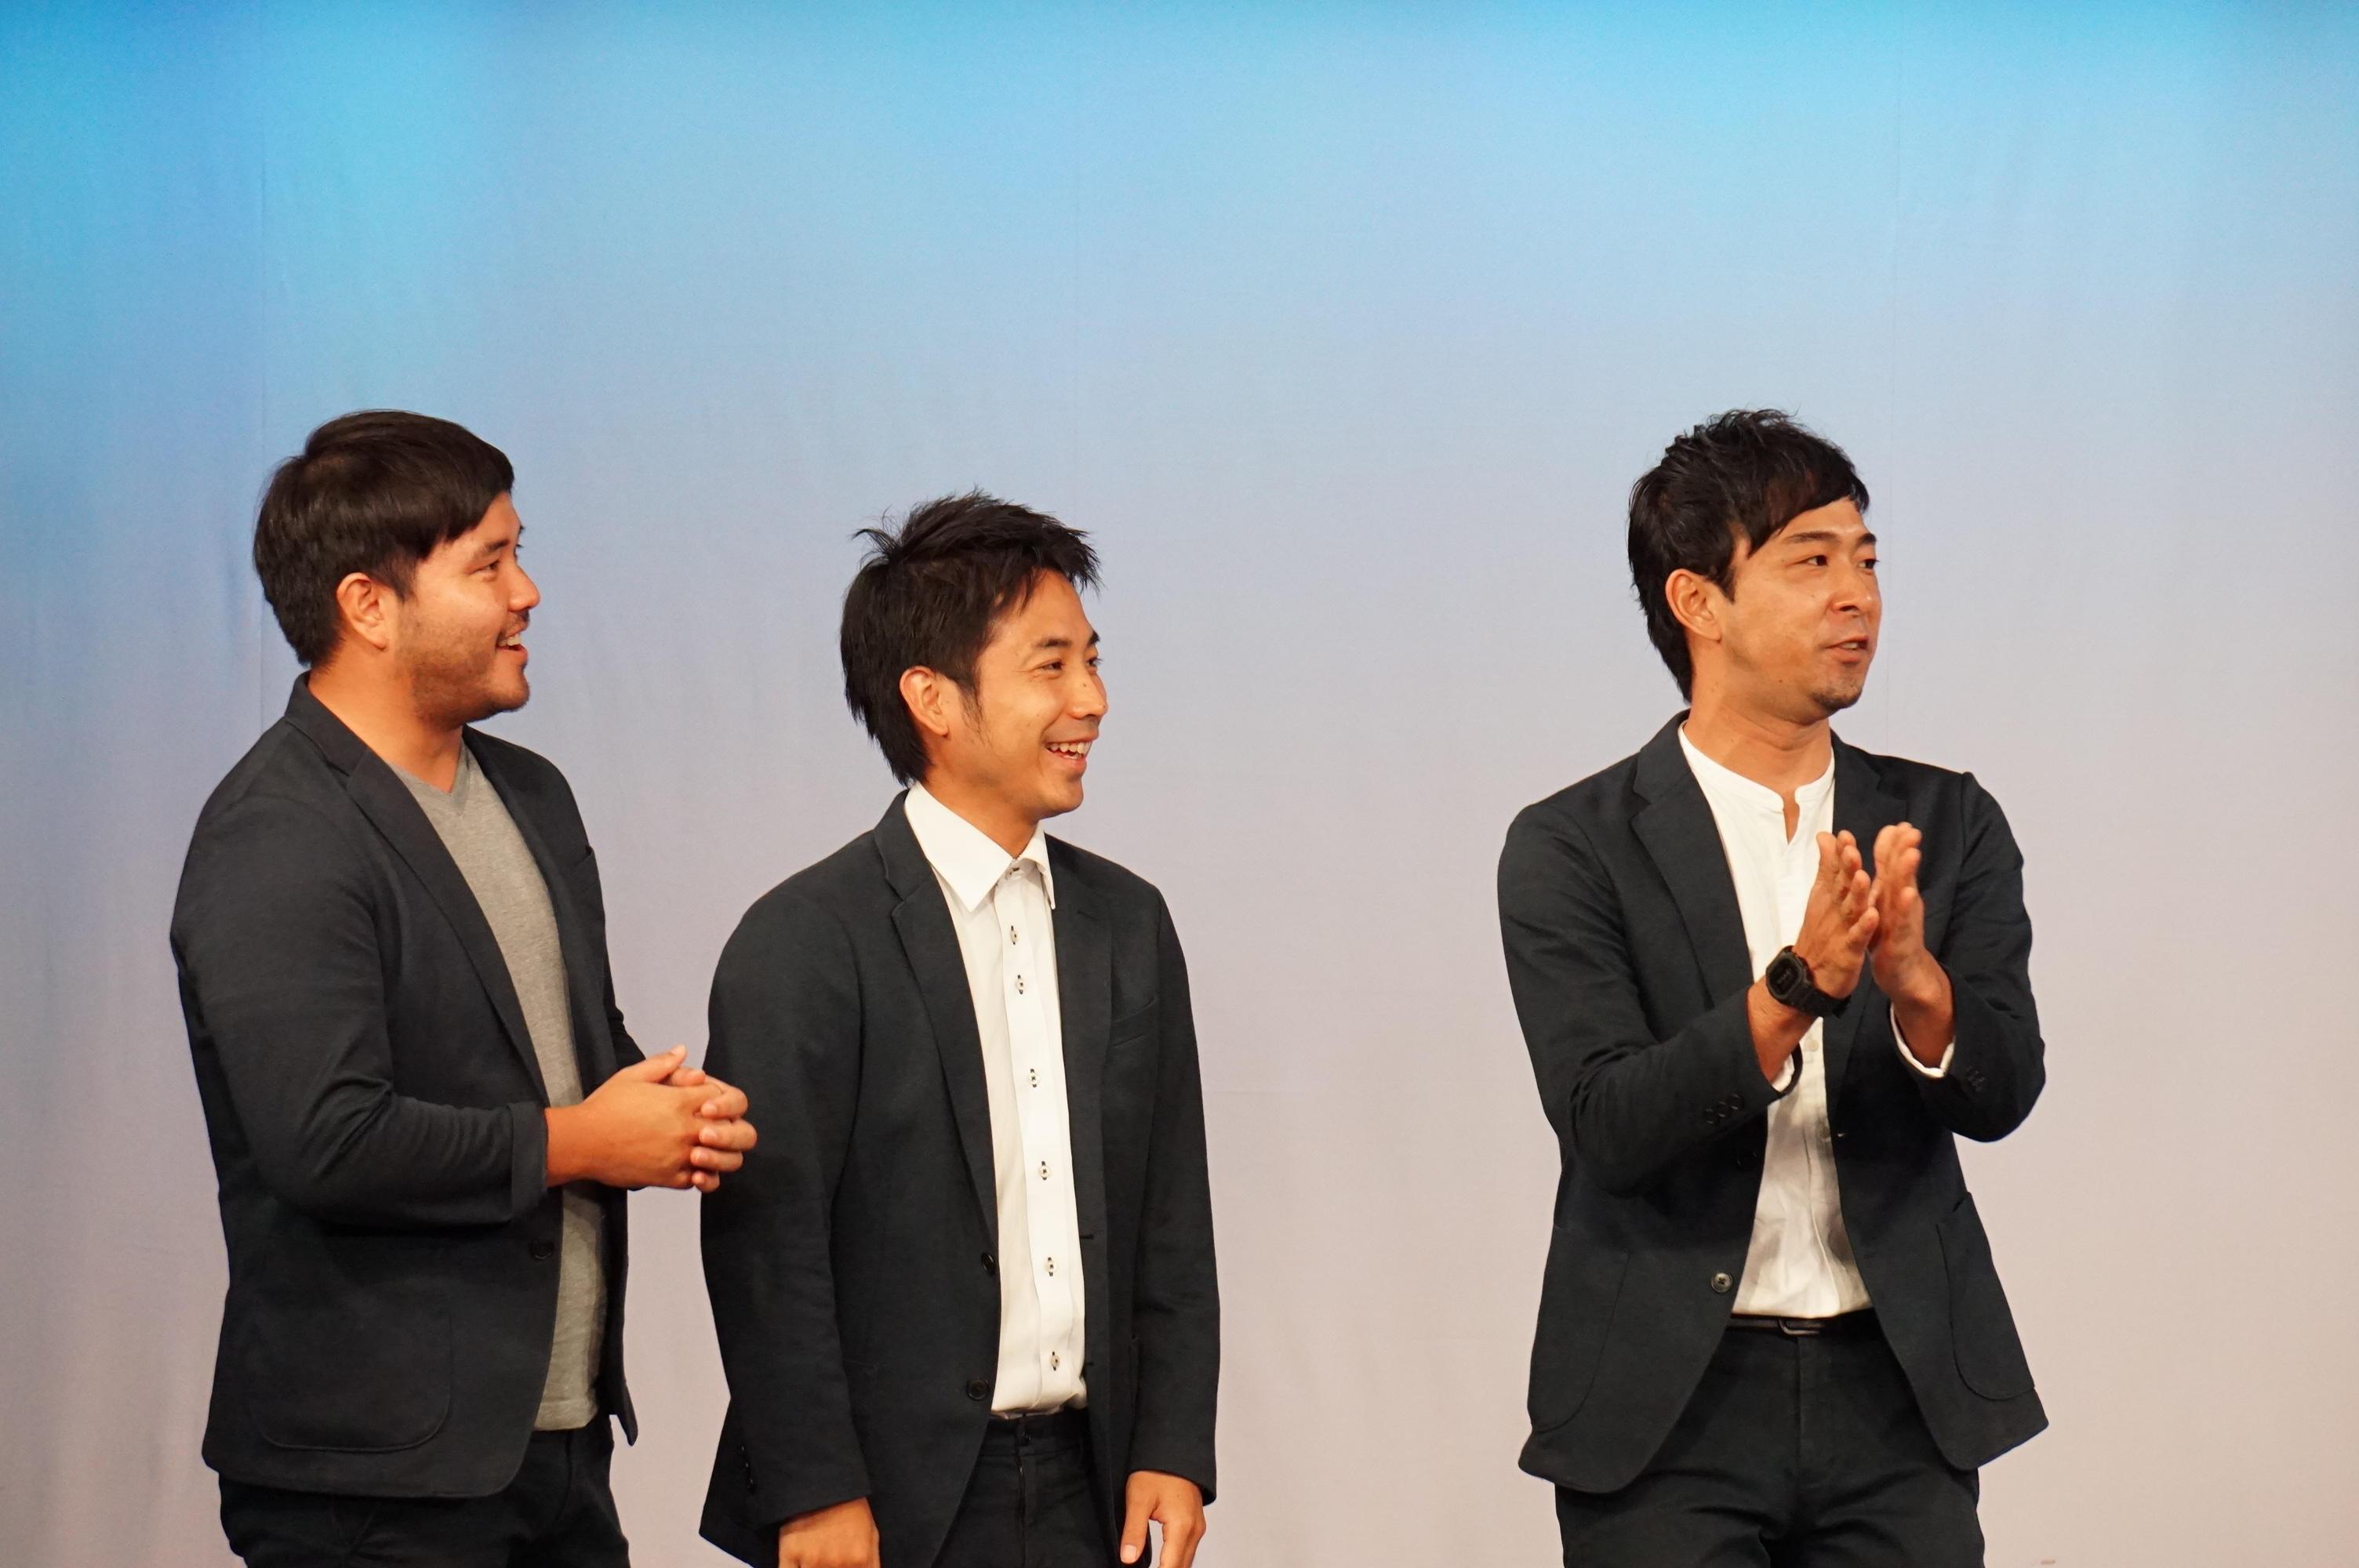 http://news.yoshimoto.co.jp/20161028191134-71c85a8d347c6b6f79a08a526cf90d99c202ead8.jpg